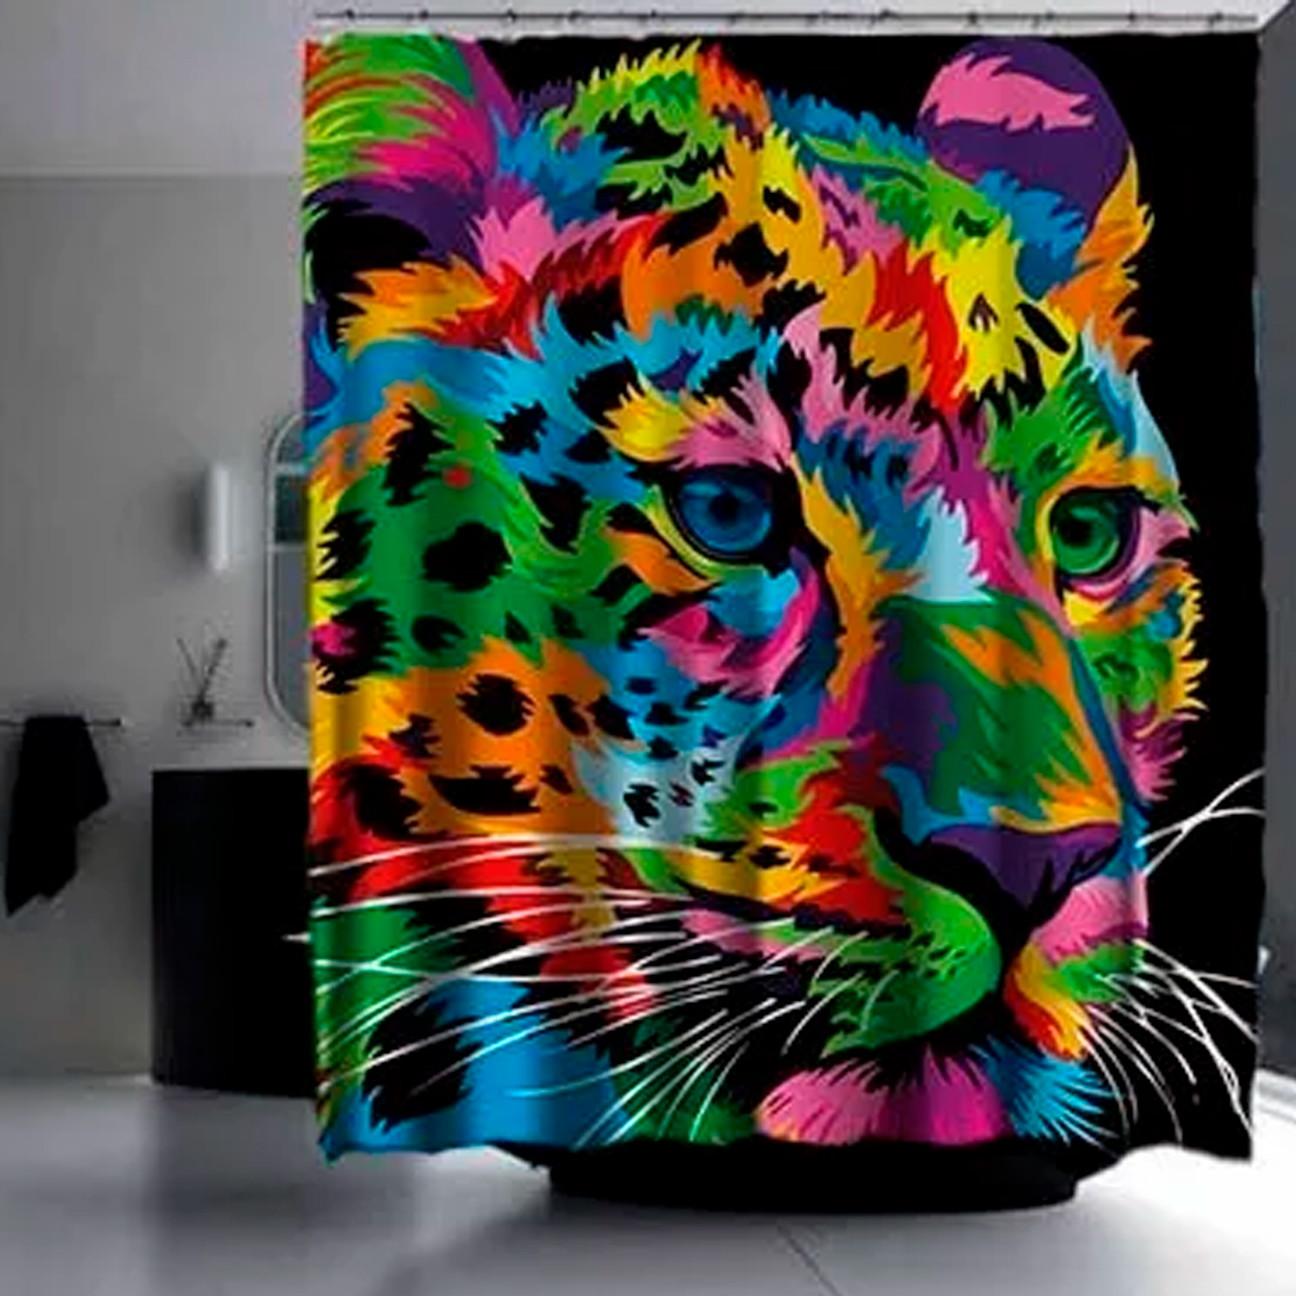 Cortina Box Banheiro Onca Pintada Manchas Colorido Pop Art No